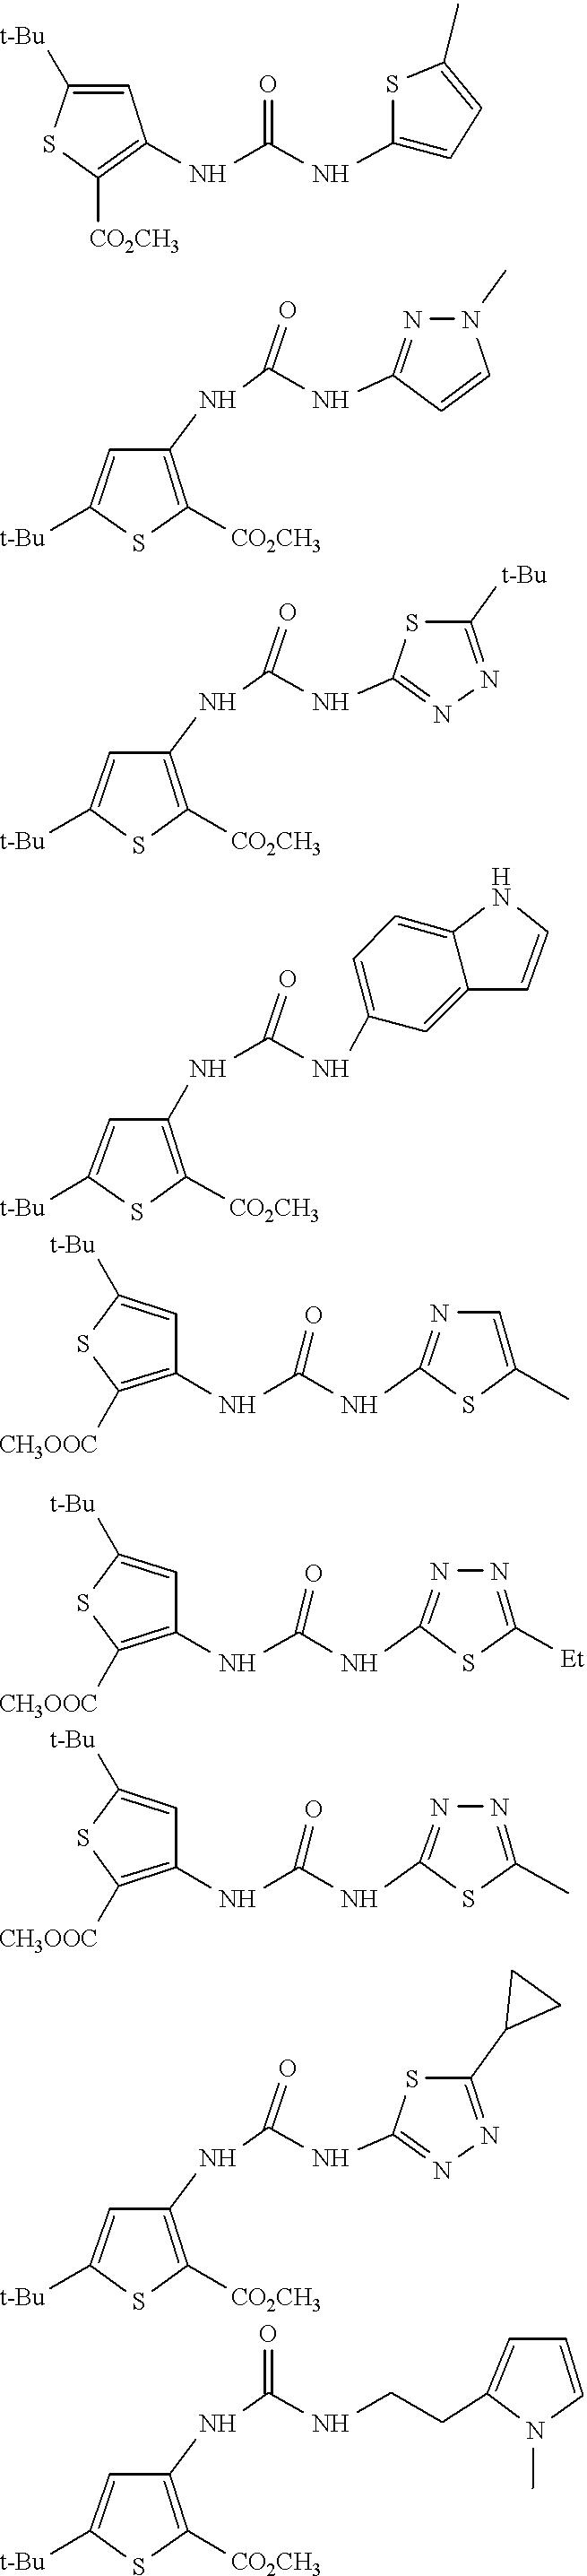 Figure US06187799-20010213-C00062